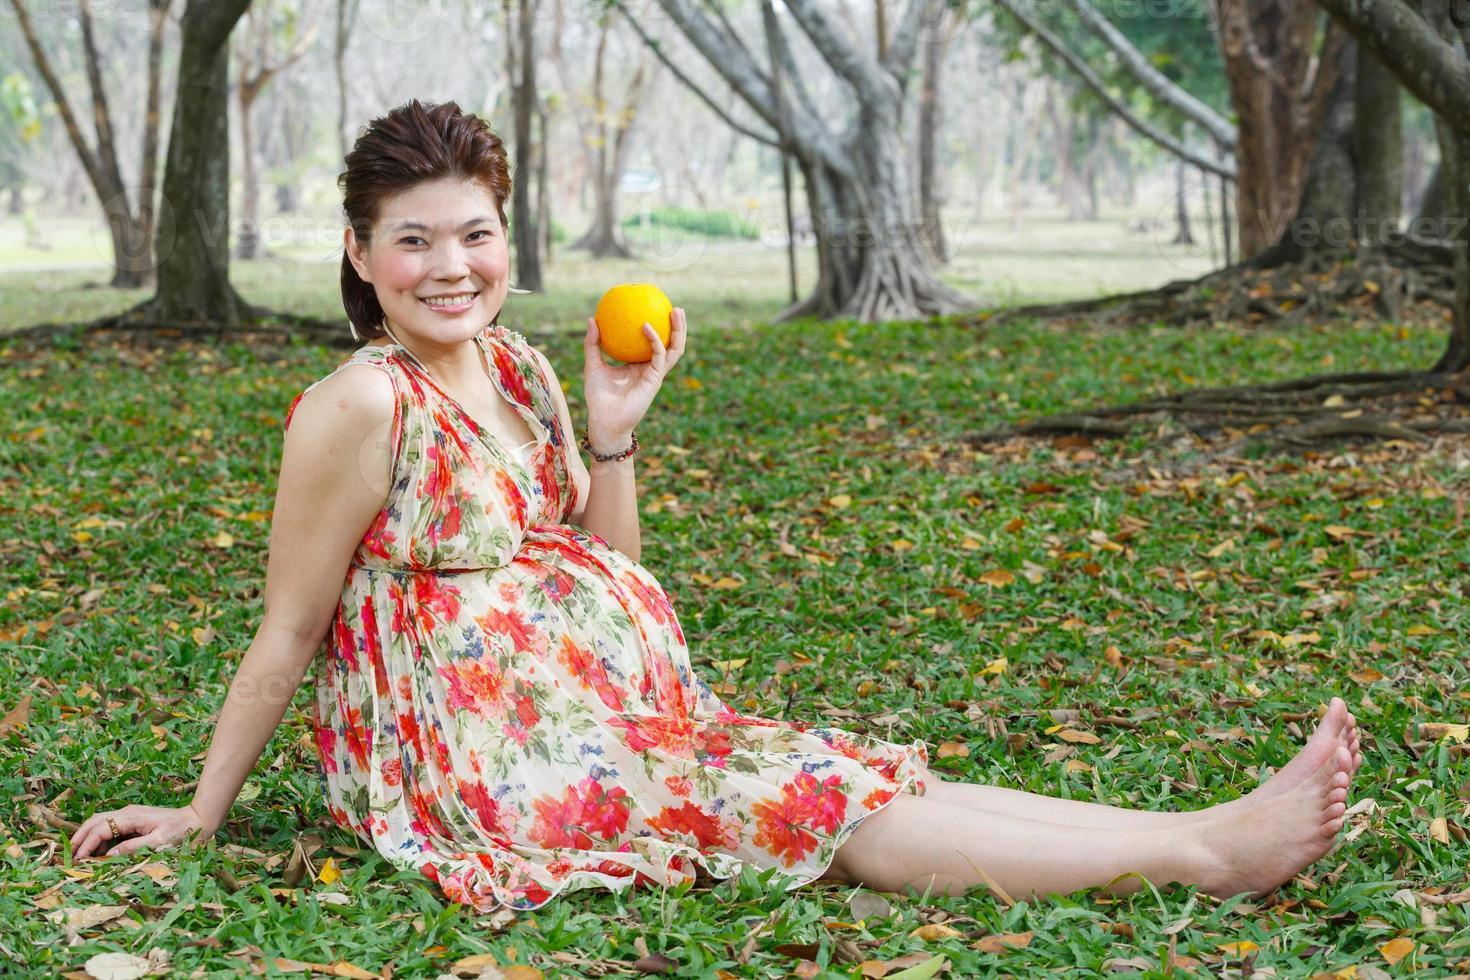 donna incinta asiatica foto